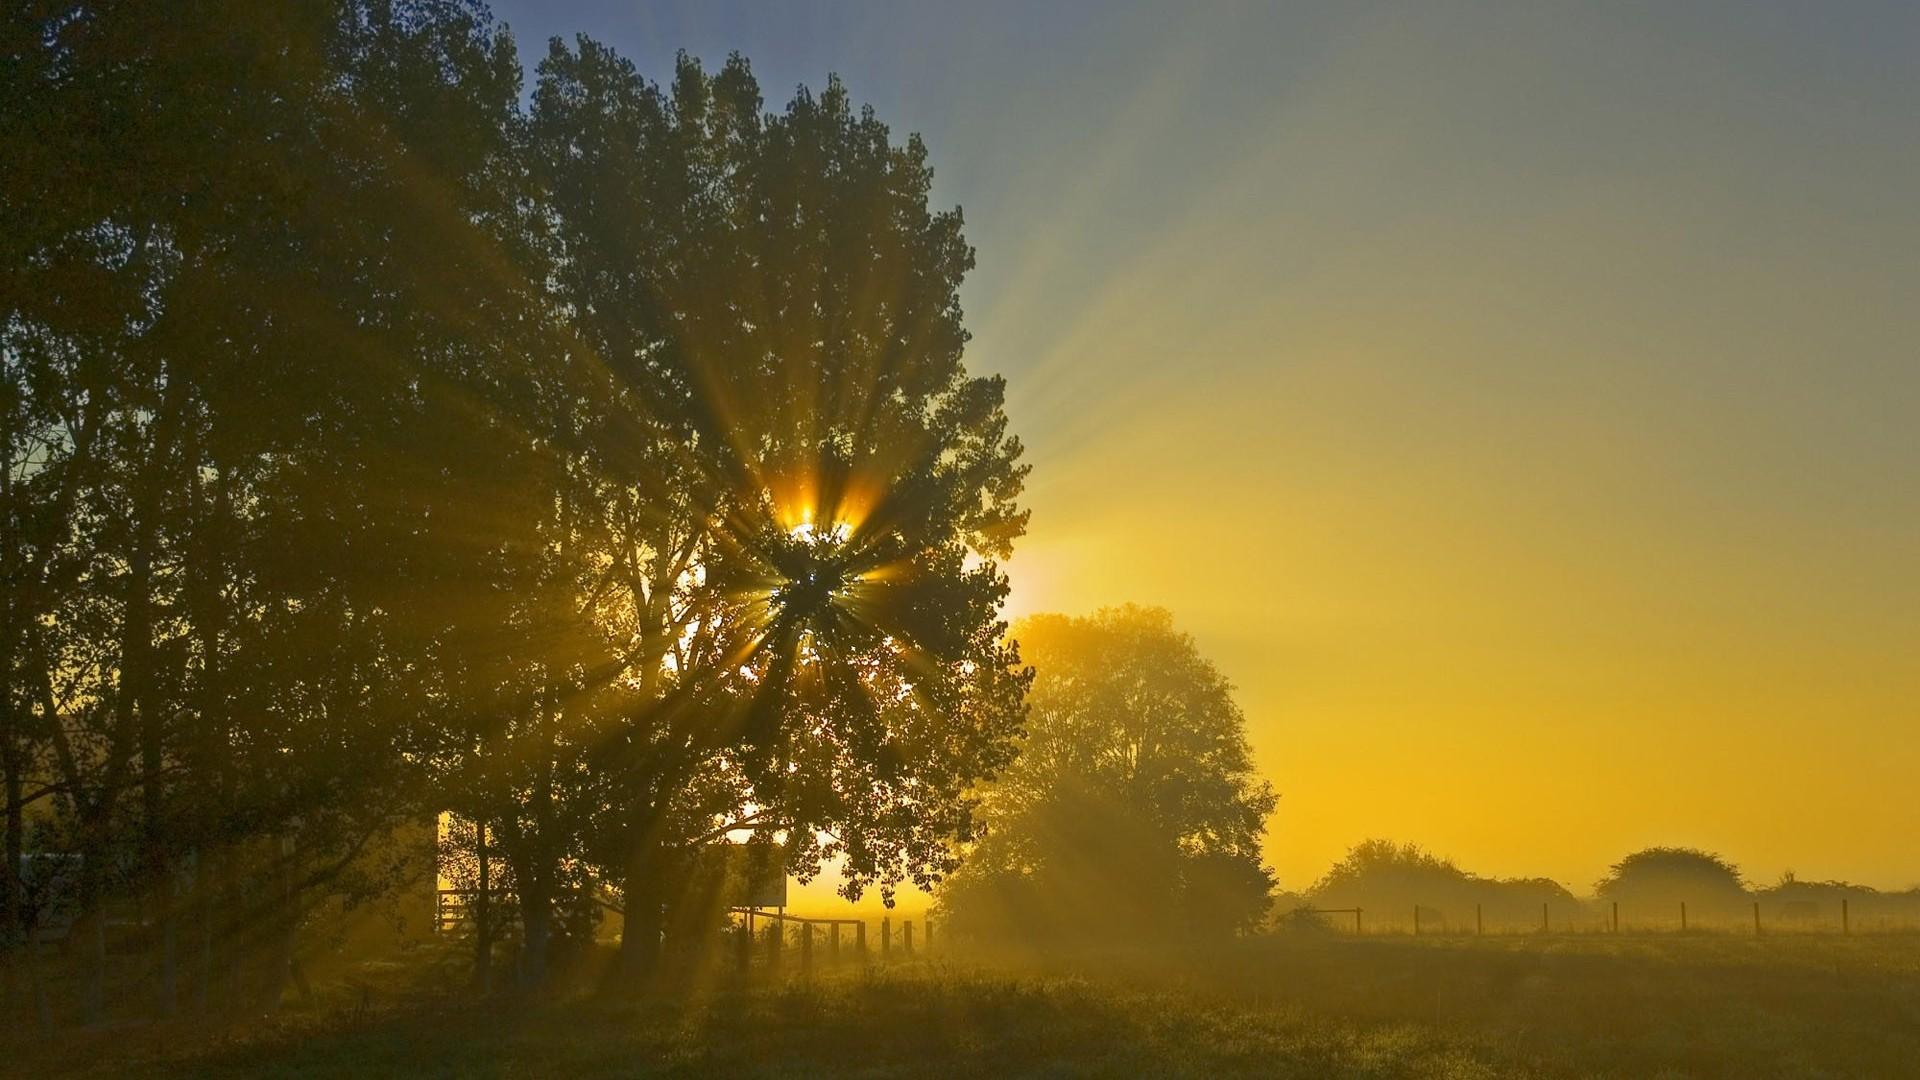 高清风景日出照片-日出风景图,最美的风景照片高清,日出风景图片大全